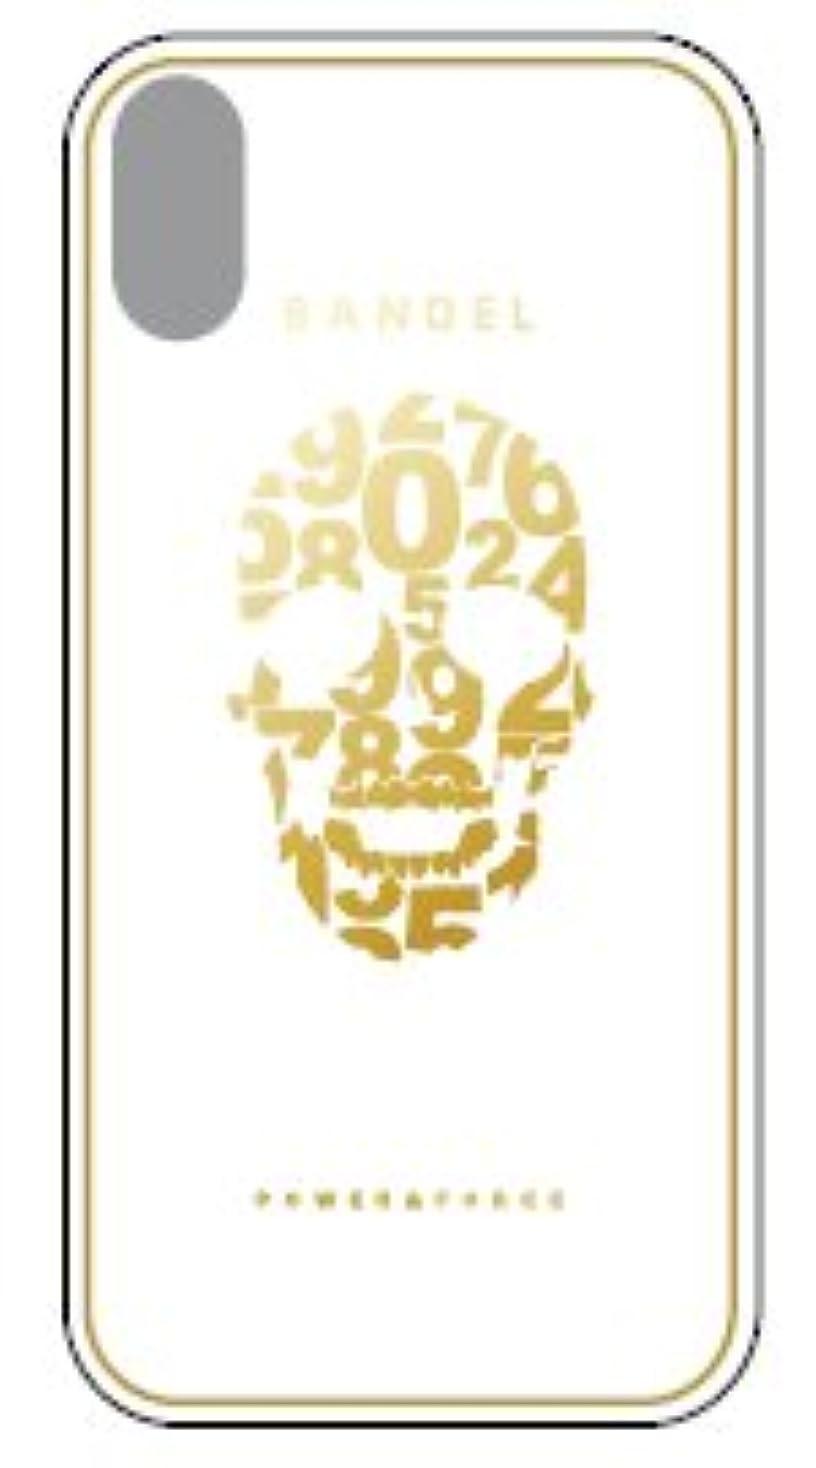 インディカ支配的示すバンデル iPhone X ケース メタリック スカル ホワイト×ゴールド BANDEL アイフォン 10